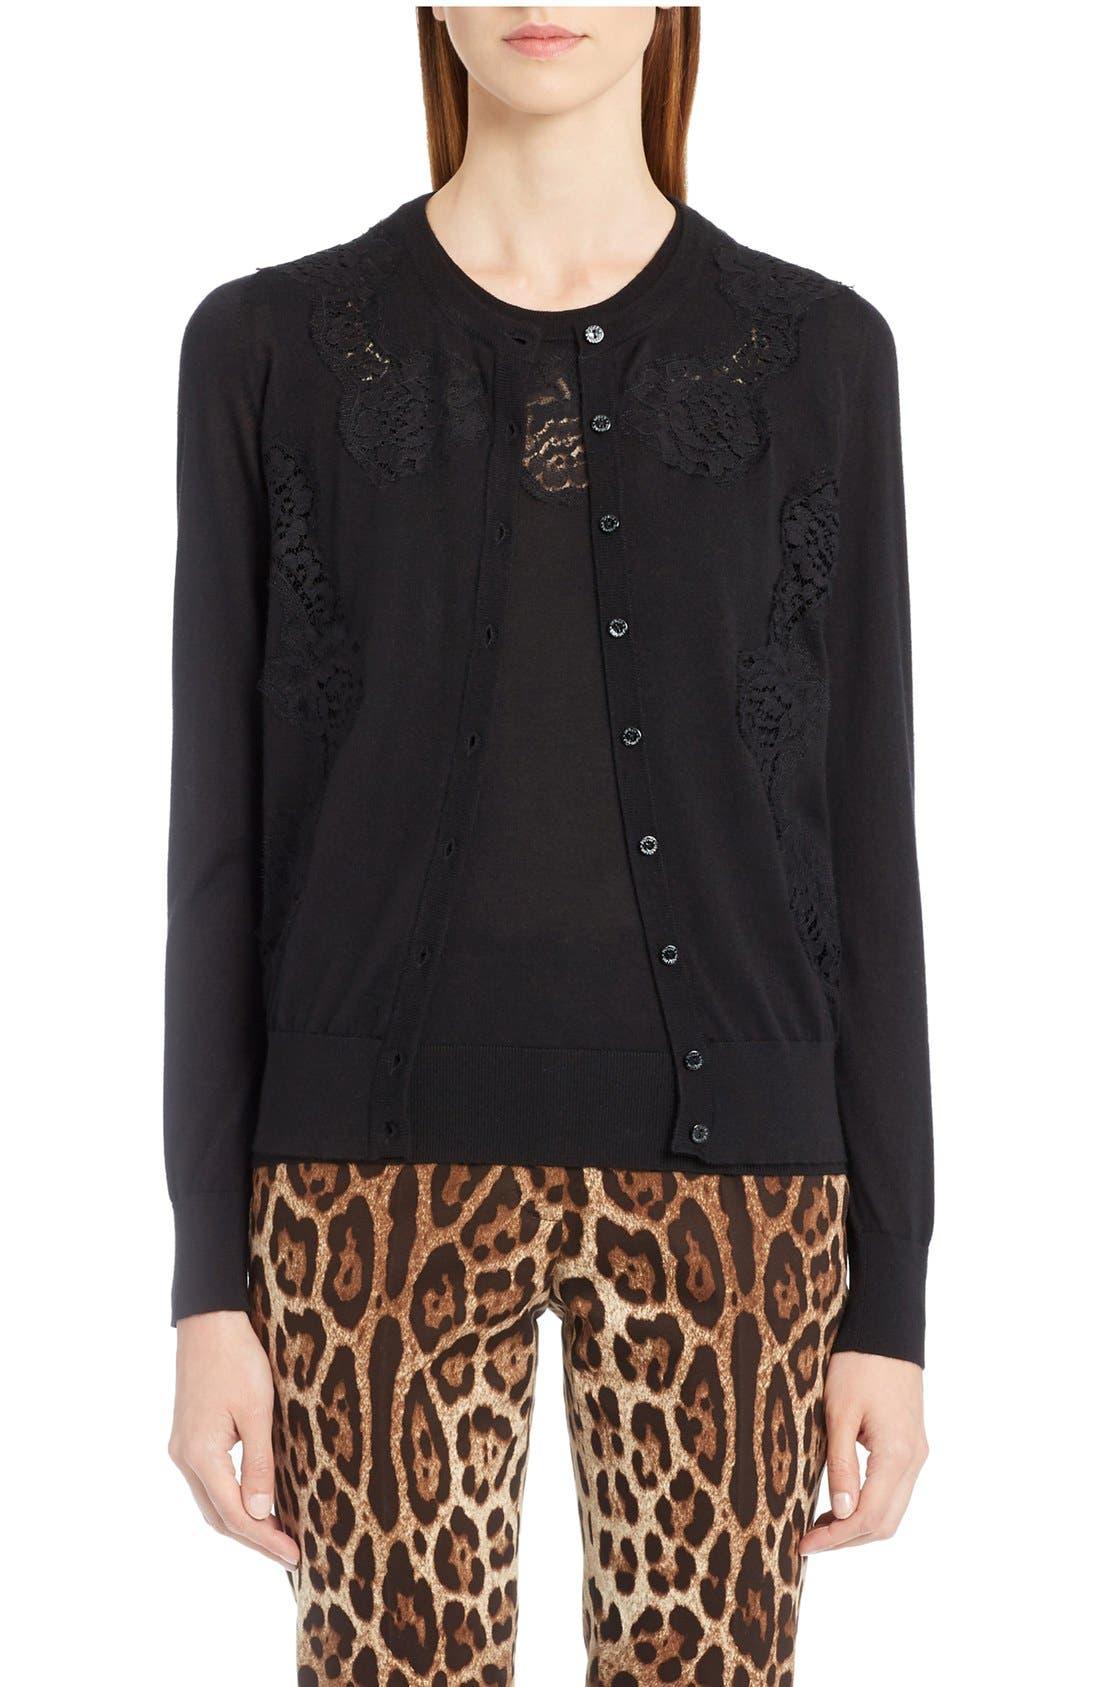 Lace Inset Cashmere Blend Cardigan,                         Main,                         color, Black